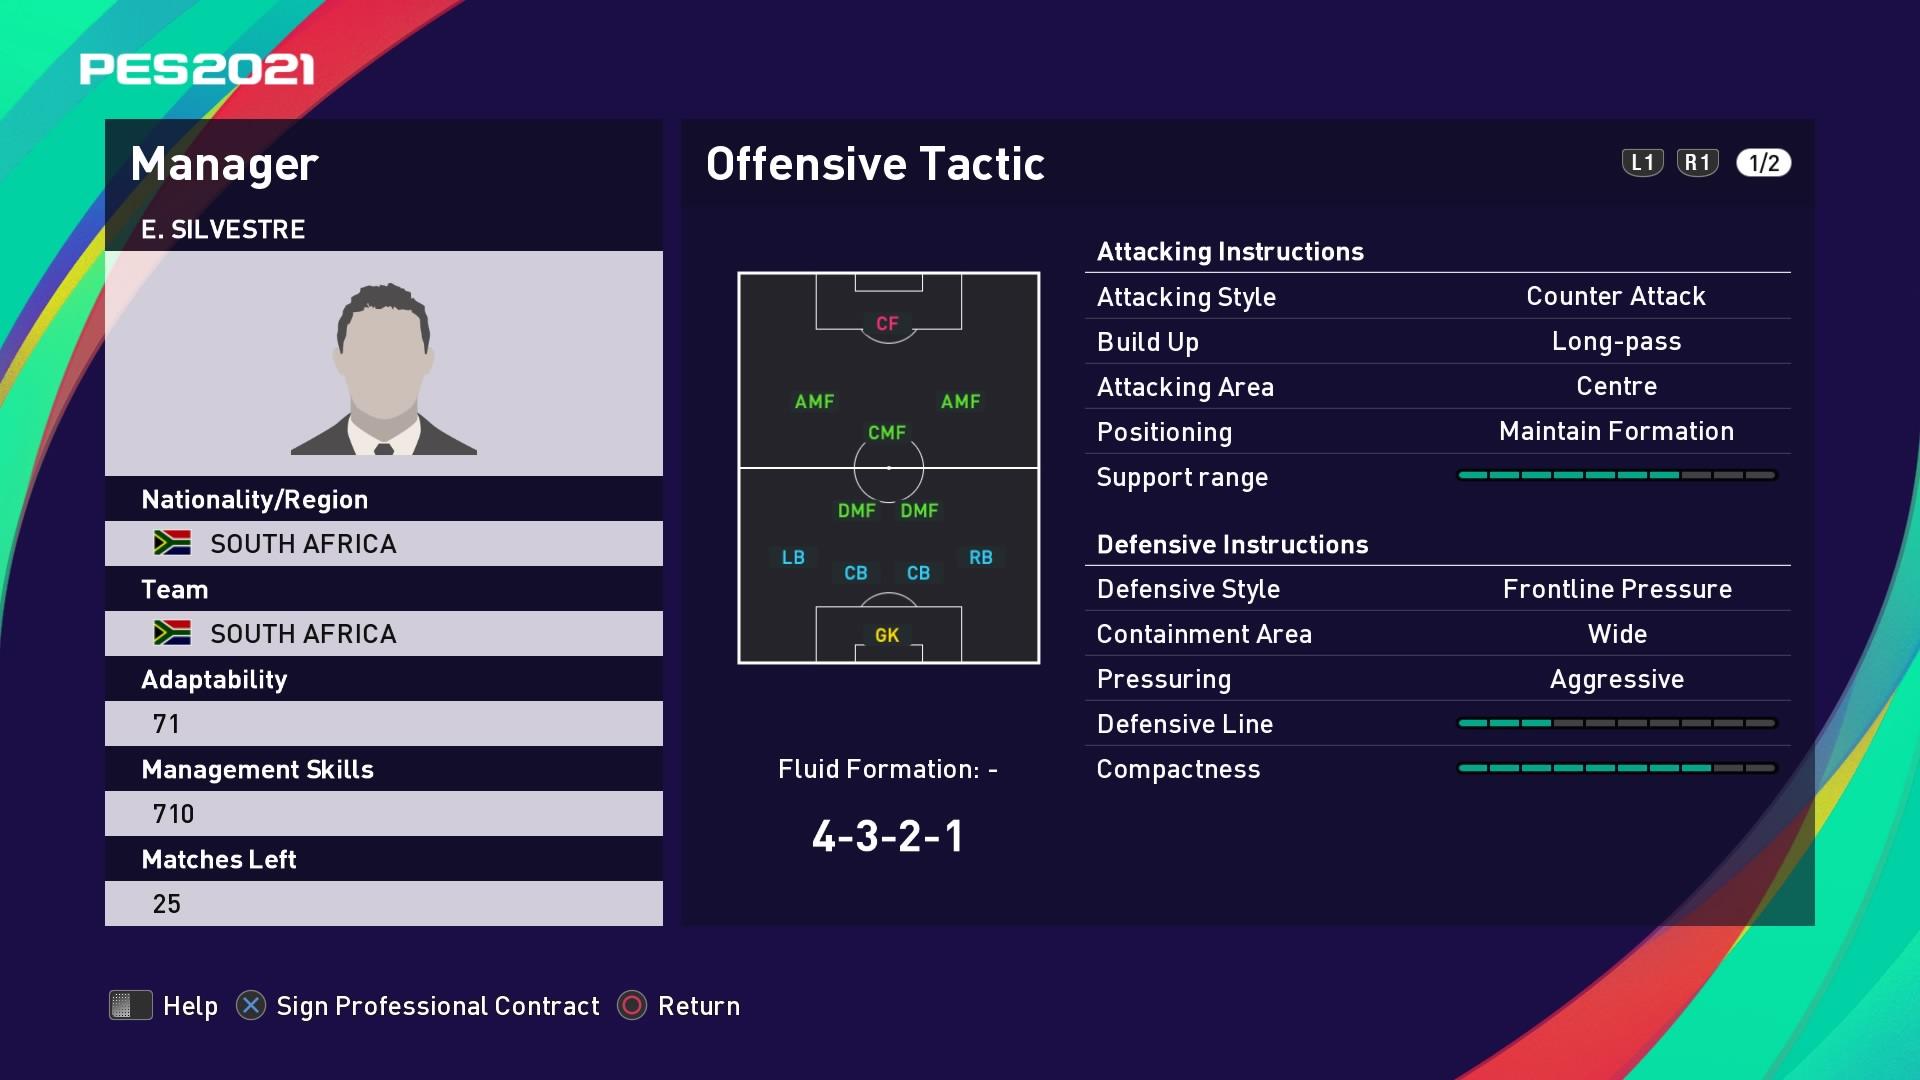 E. Silvestre (Molefi Ntseki) Offensive Tactic in PES 2021 myClub